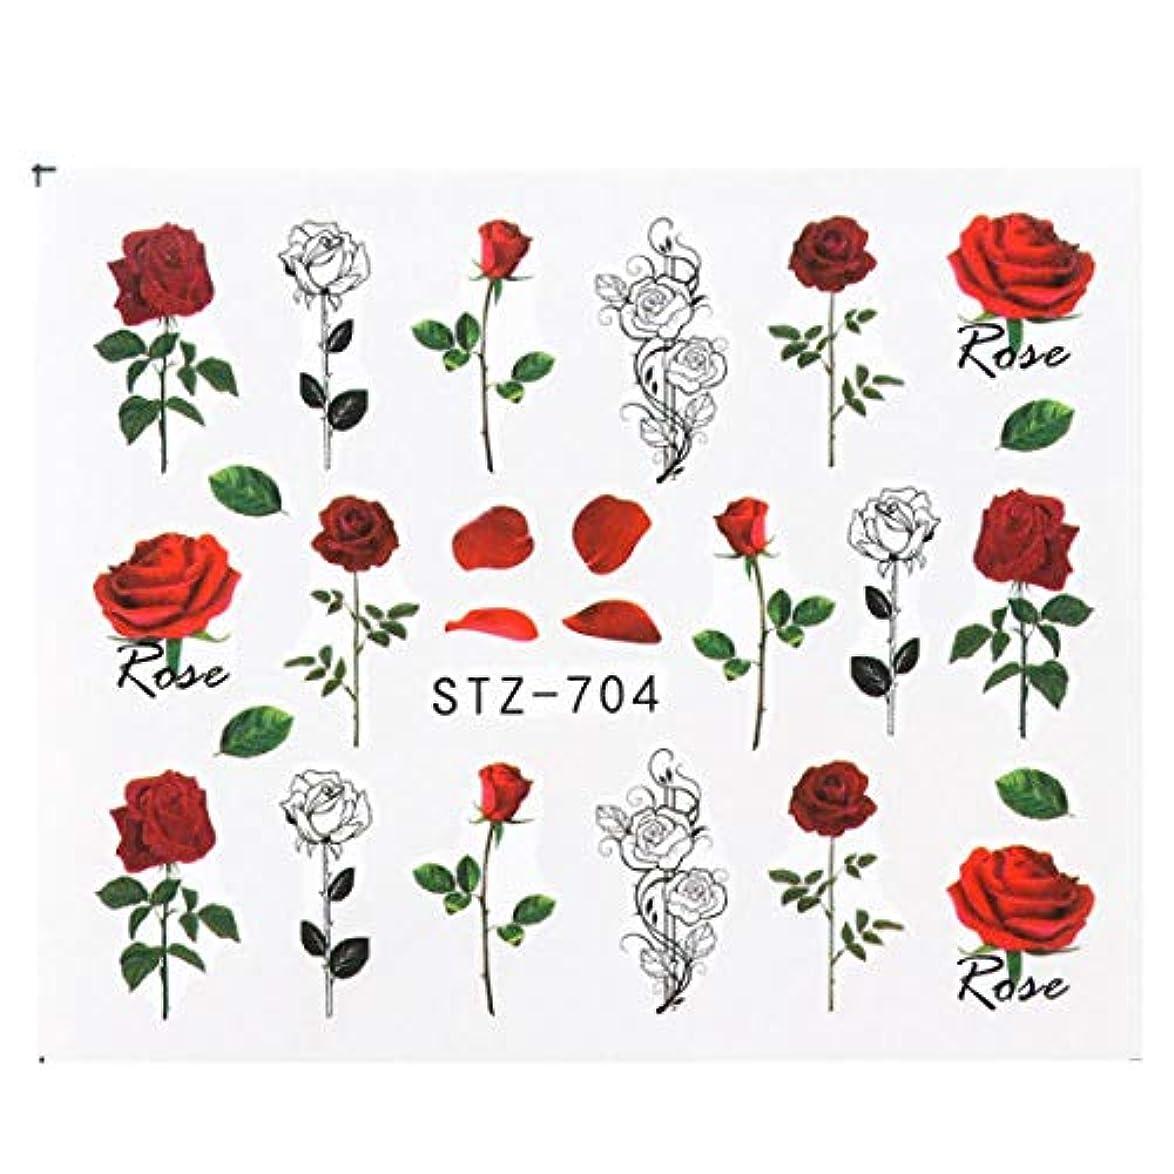 結論テレマコス市民SUKTI&XIAO ネイルステッカー ネイルアート転送タトゥーフラミンゴリーフジェルマニキュア接着剤の装飾、Stz704のための1個の花のスライダーウォーターステッカーデカール